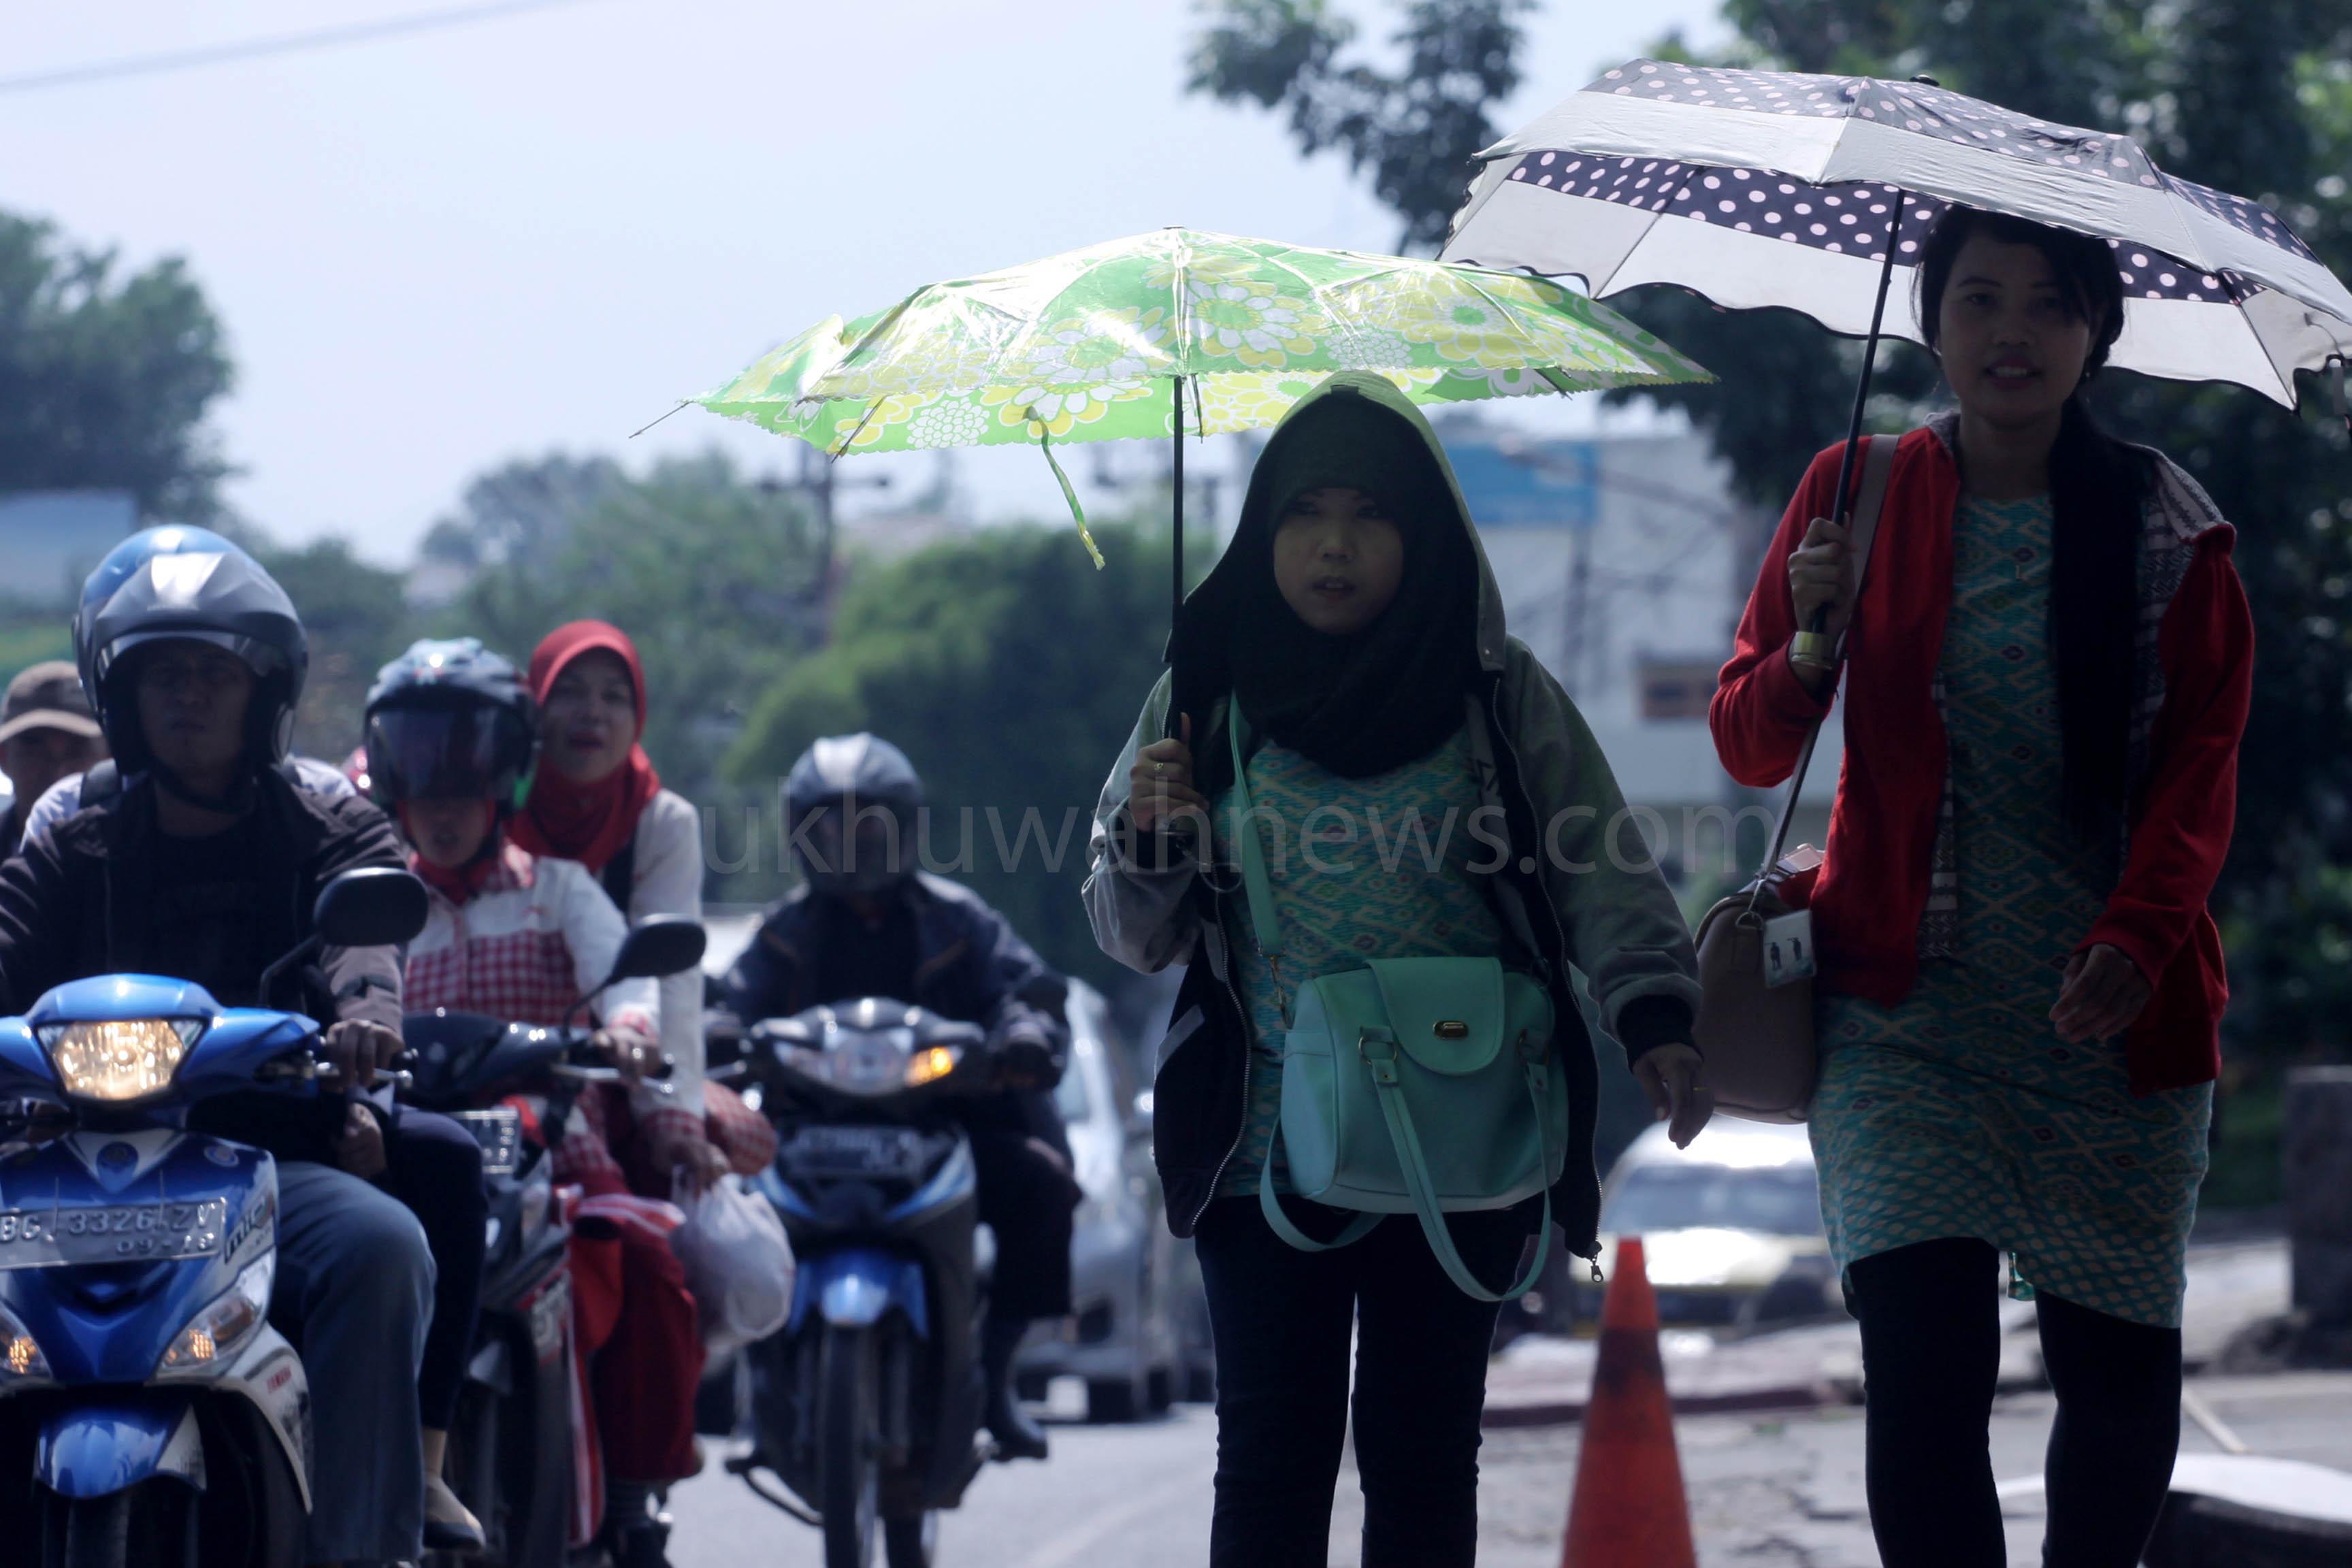 Dua orang warga menggunakan payung saat terik matahari di jalan Merdeka, Palembang, Senin (21/3/2016). Cuaca panas yang melanda beberapa kota di Indonesia, hal ini terjadi ketika matahari melalui garis katulistiwa yang disebut dengan fenomena Aquinox, dengan suhu mencapai 40 derajat celcius dan dapat menimbulkan polusi udara sehingga meningkatnya intensitas debu di jalanan, sehingga warga rentan terkena radang tenggorokan. Ukhwuahnews.com/HairulAkbar